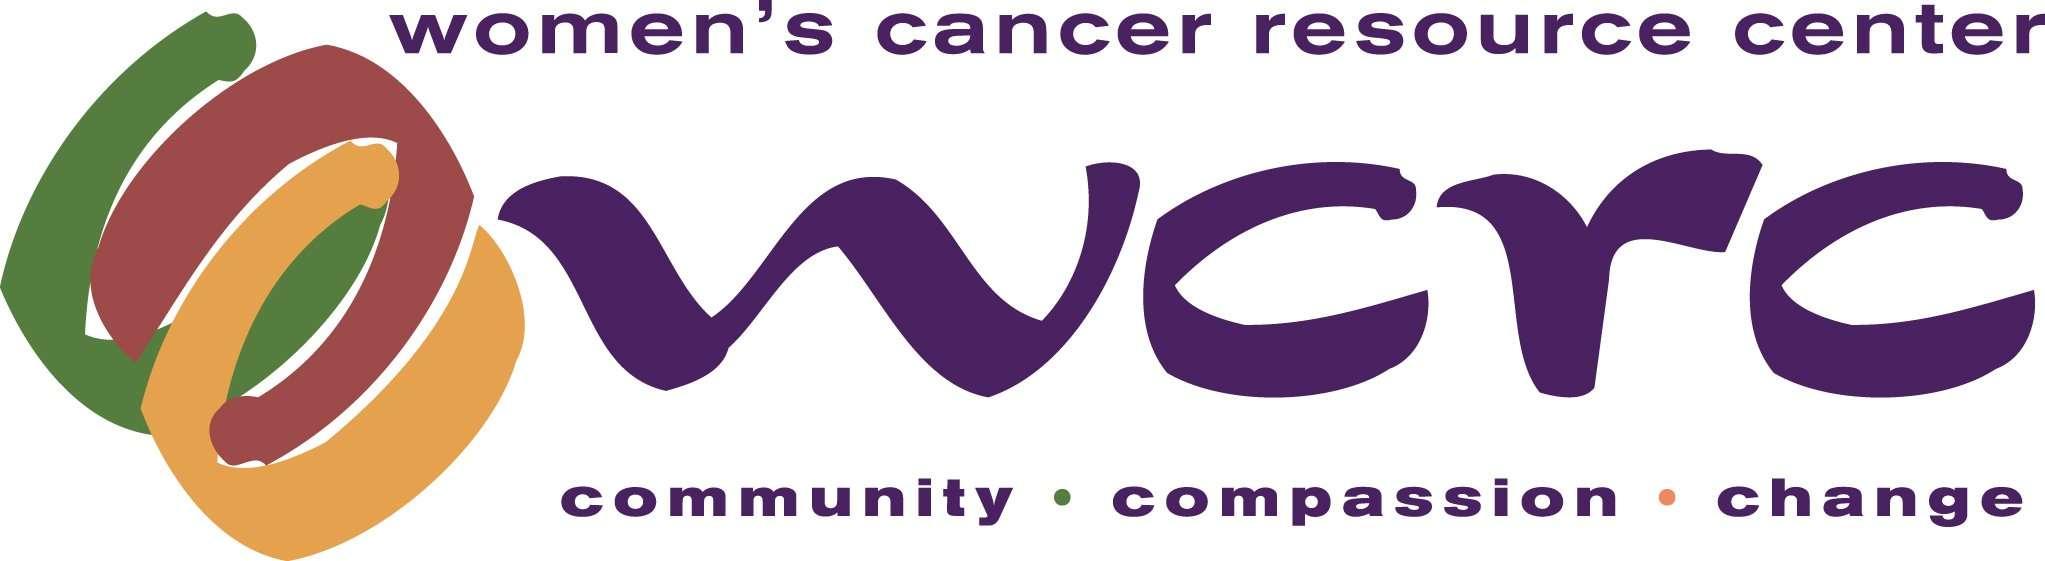 Women's Cancer Resource Center (WCRC)